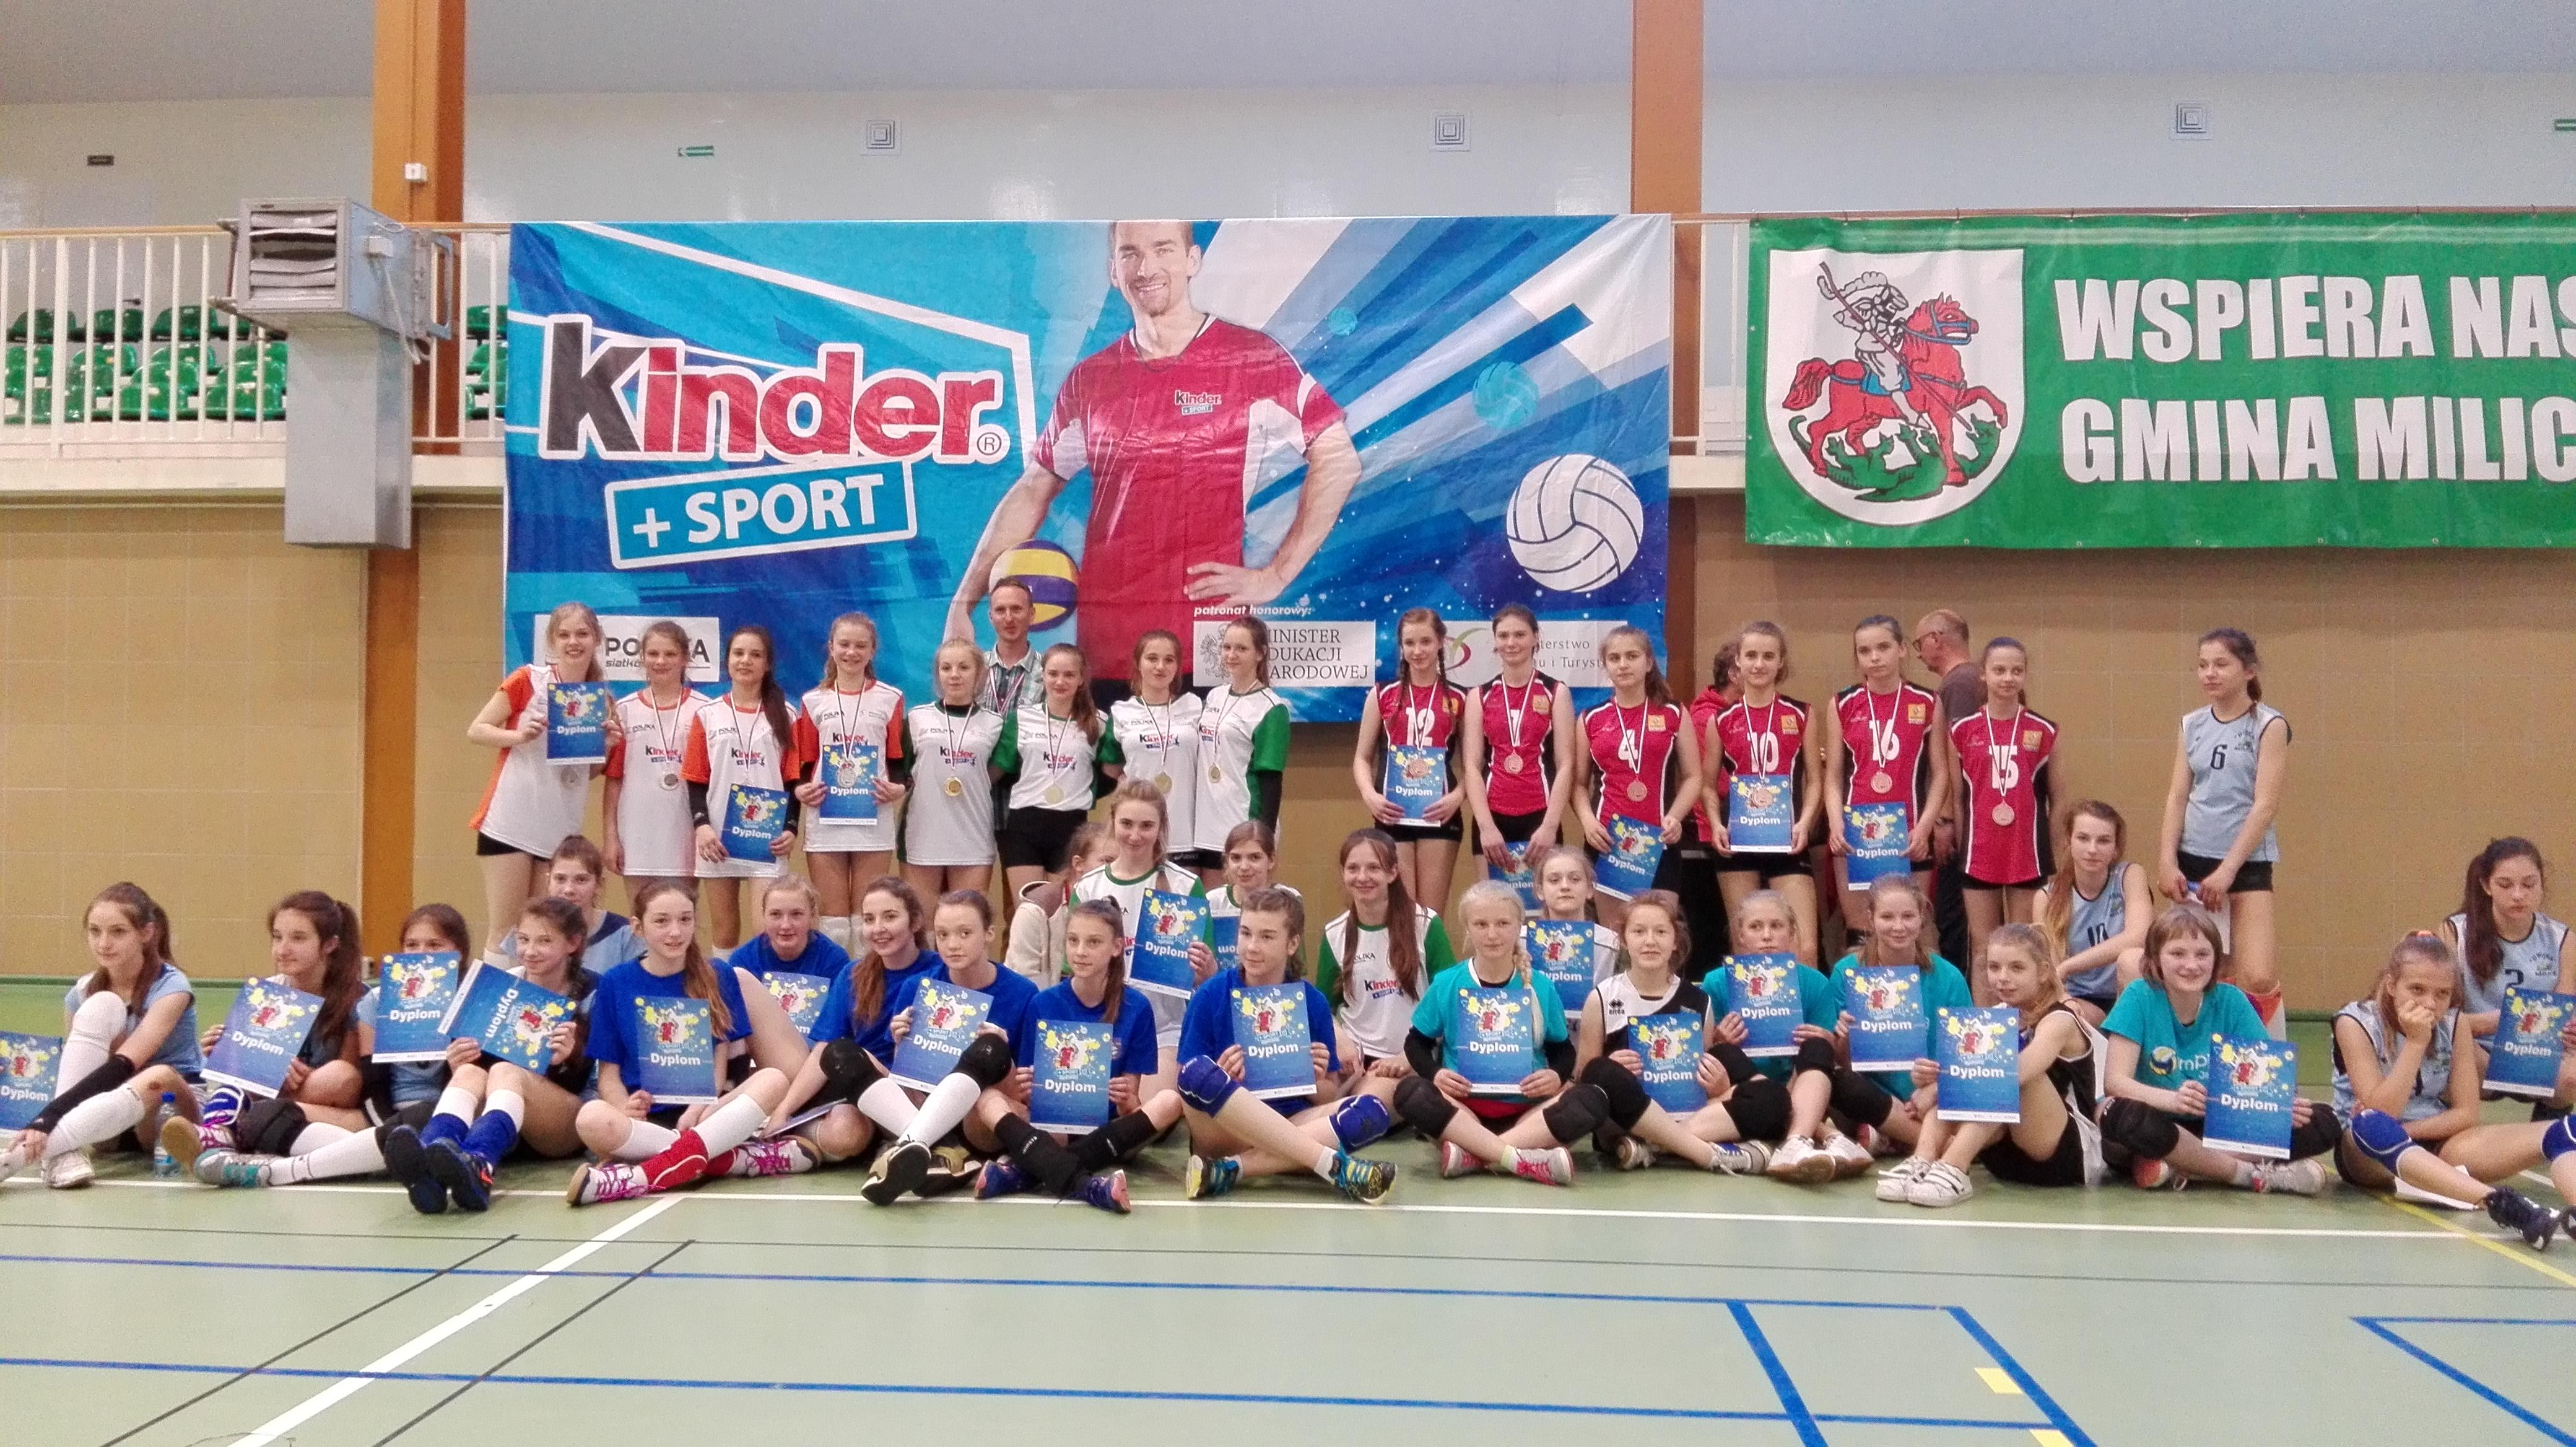 Kinder+Sport:) = złoto i srebro dla nas!